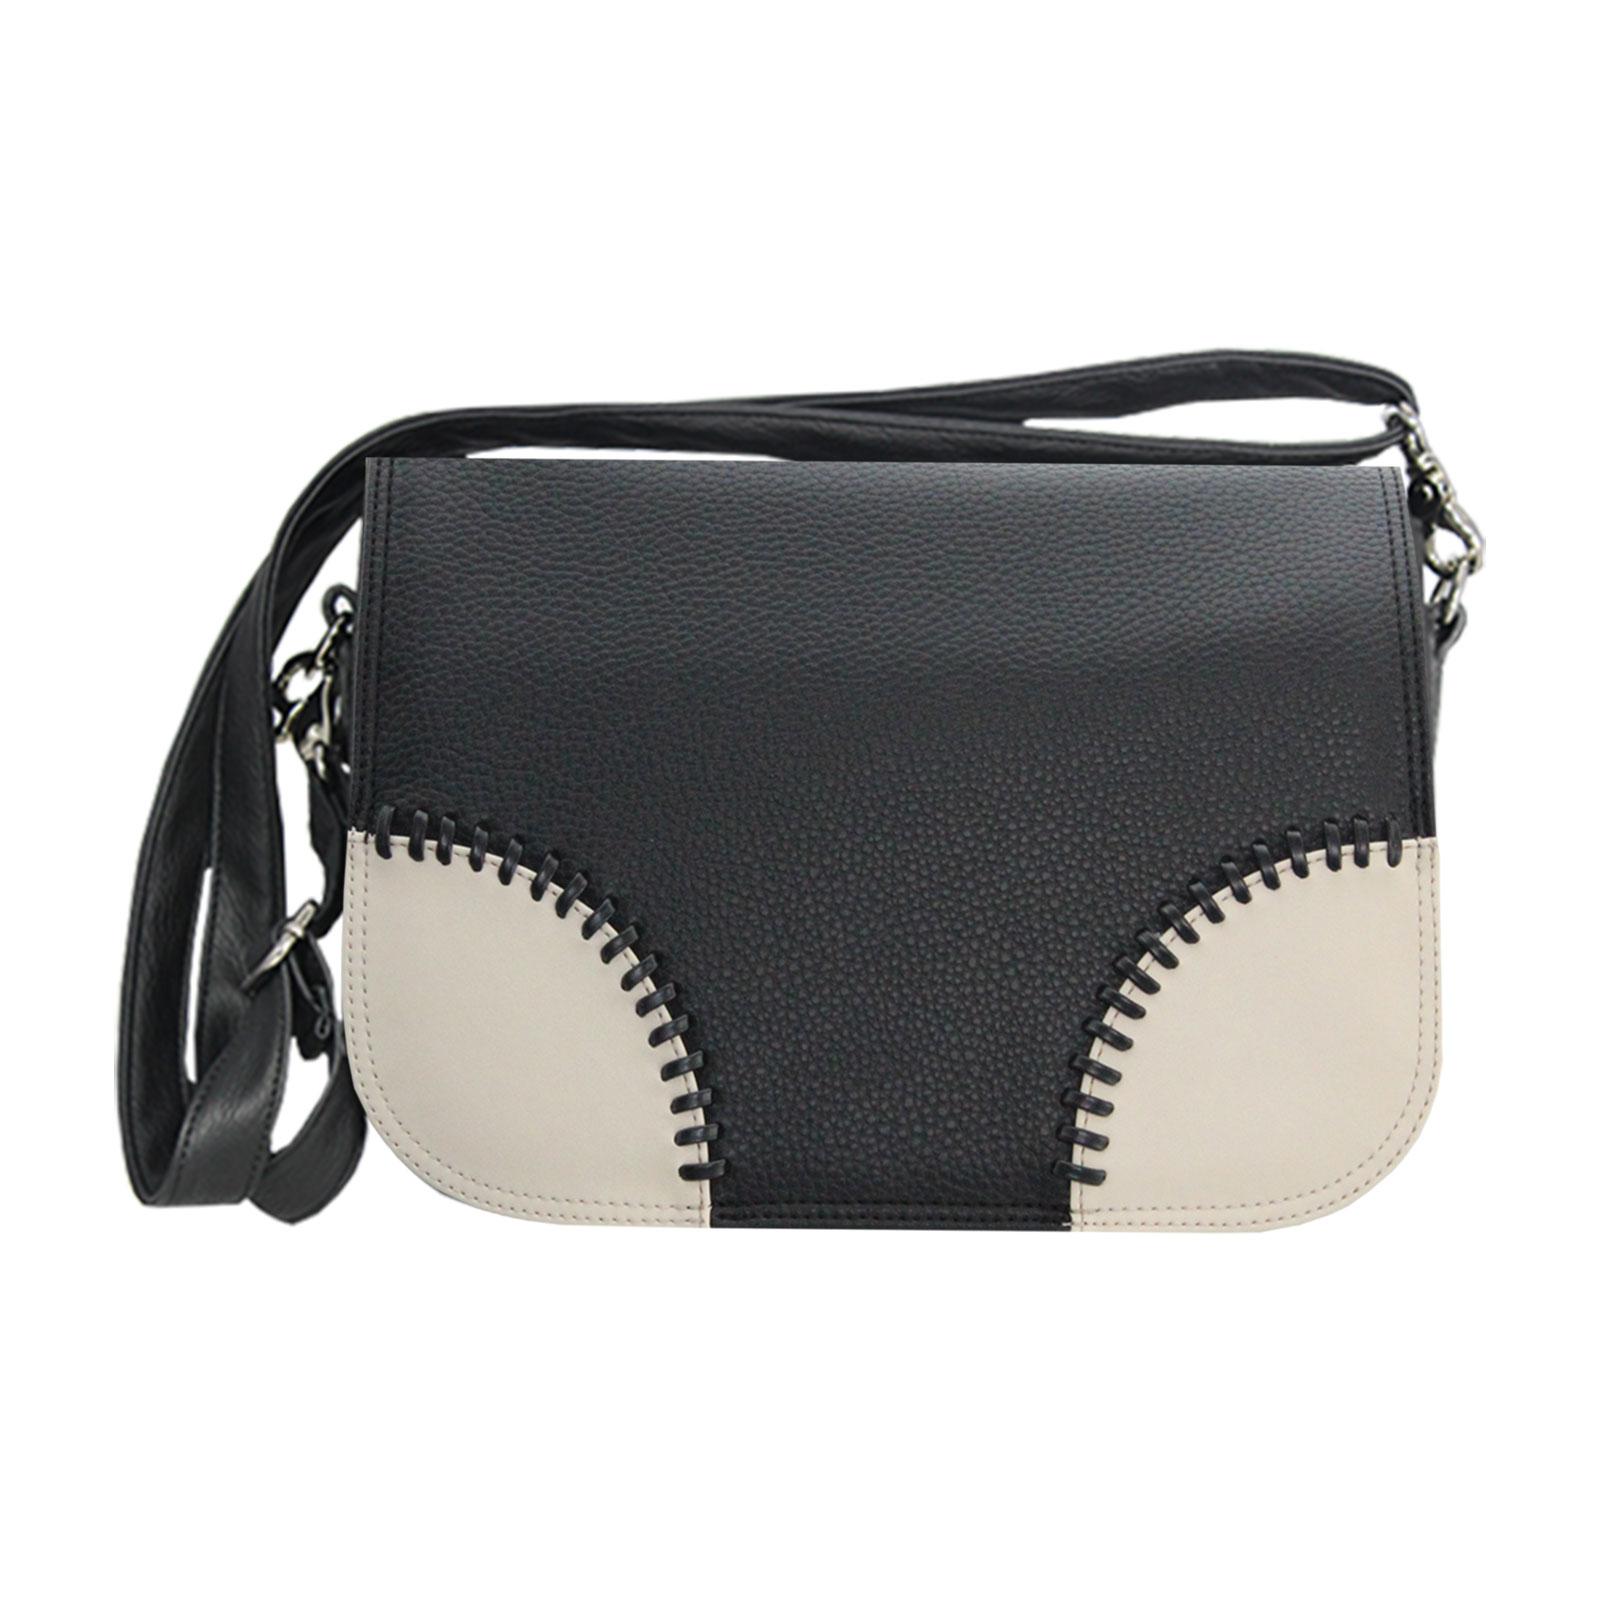 Damenhandtasche in schwarz mit cremefarbenen Ecken Komplett Vorteilsset